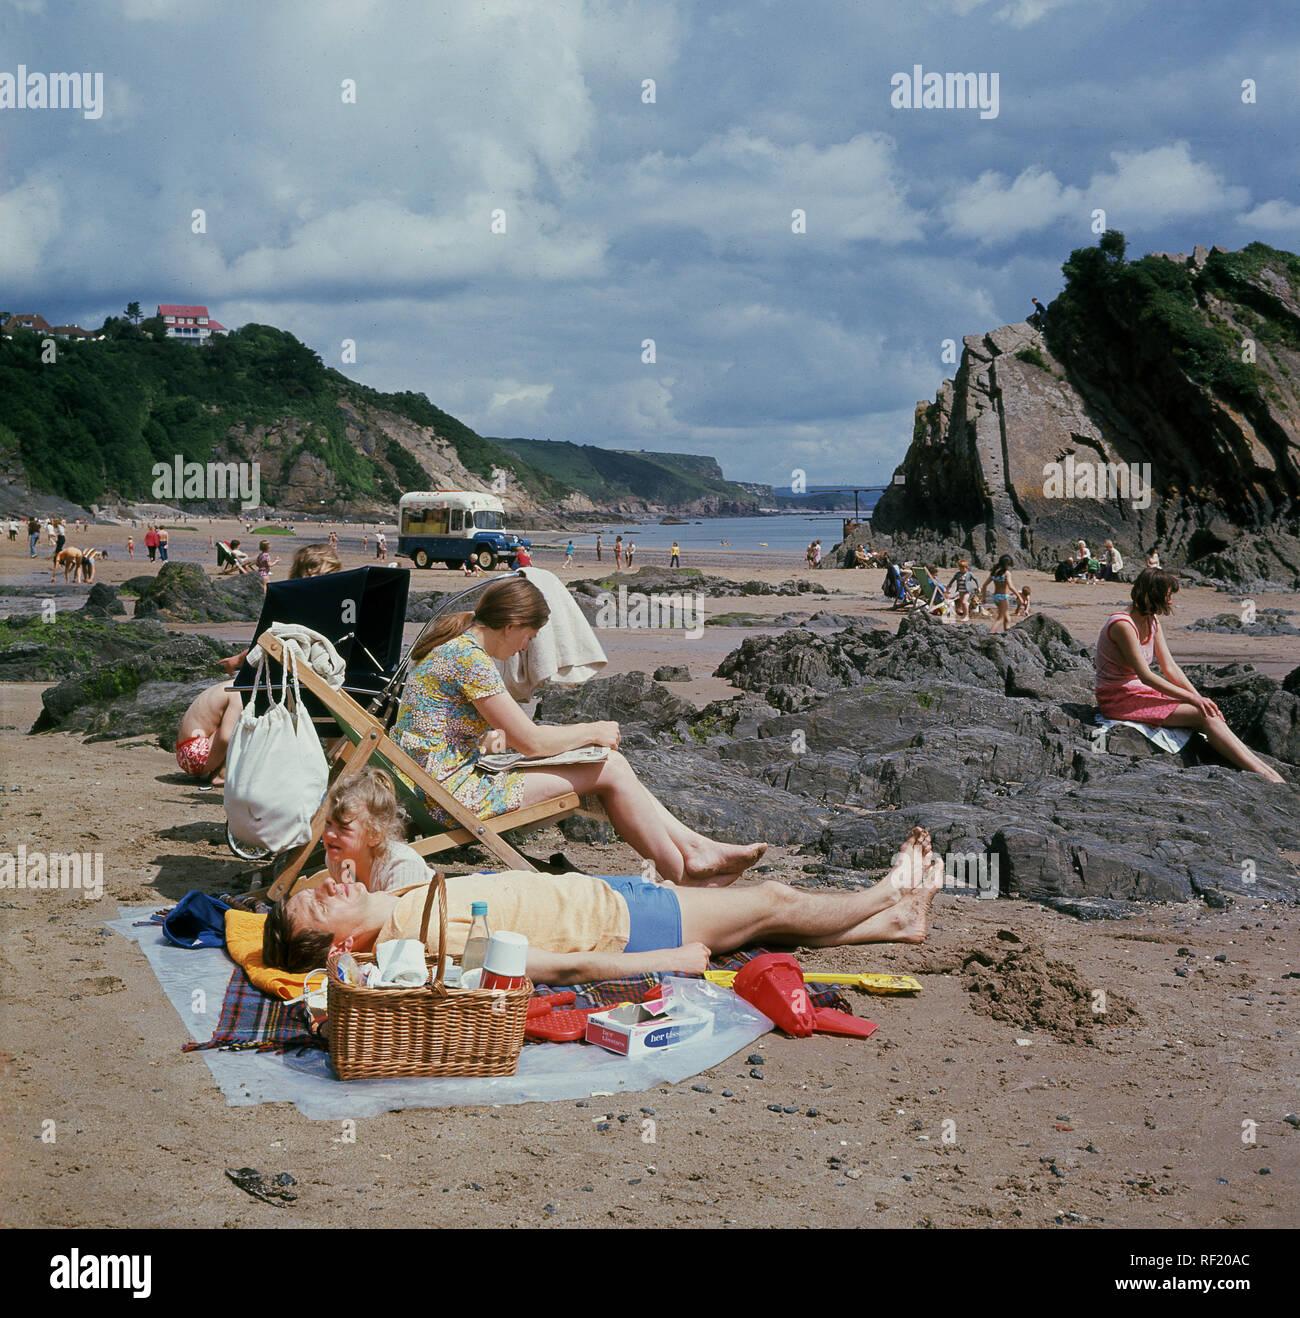 Anni sessanta, storico britannico tradizionale vacanza in famiglia...un giorno sulla spiaggia..una famiglia relax su Tenby Beach, Wales, Regno Unito. L'uomo giace su un tappeto accanto al cestino pranzo, mentre sua moglie si siede in una sedia a sdraio di lettura. Immagini Stock